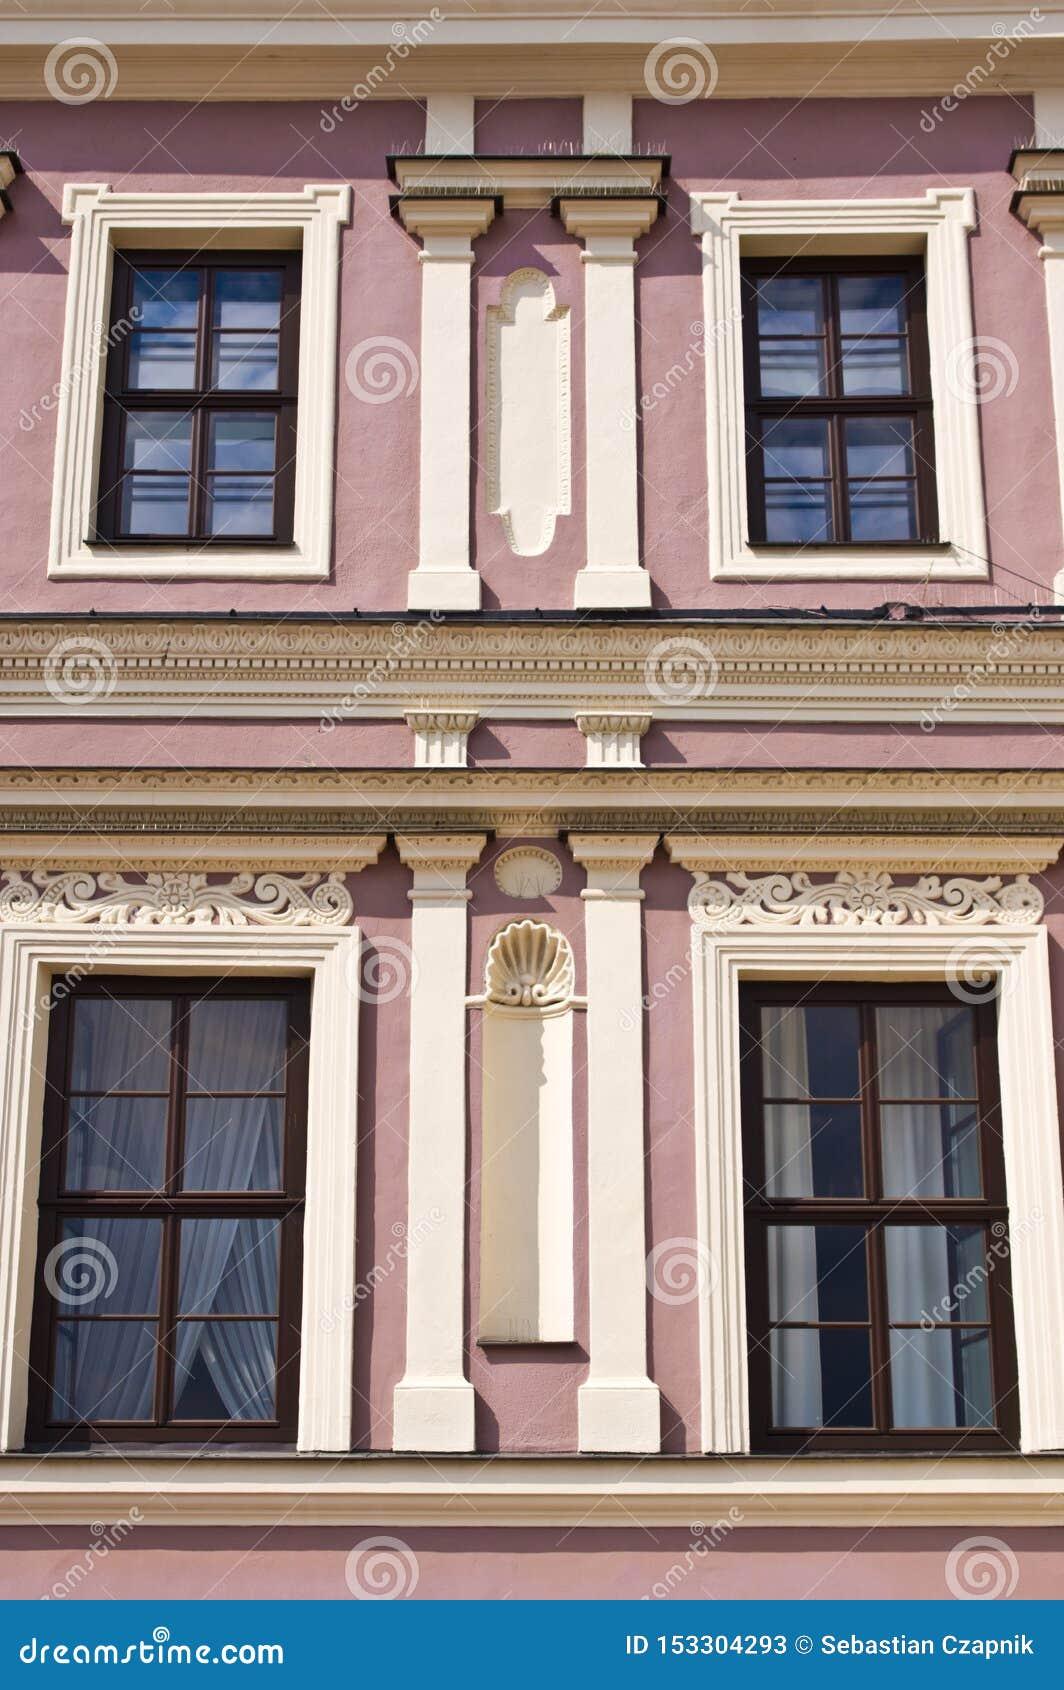 扎莫希奇波兰,建筑学7月2019年,老镇